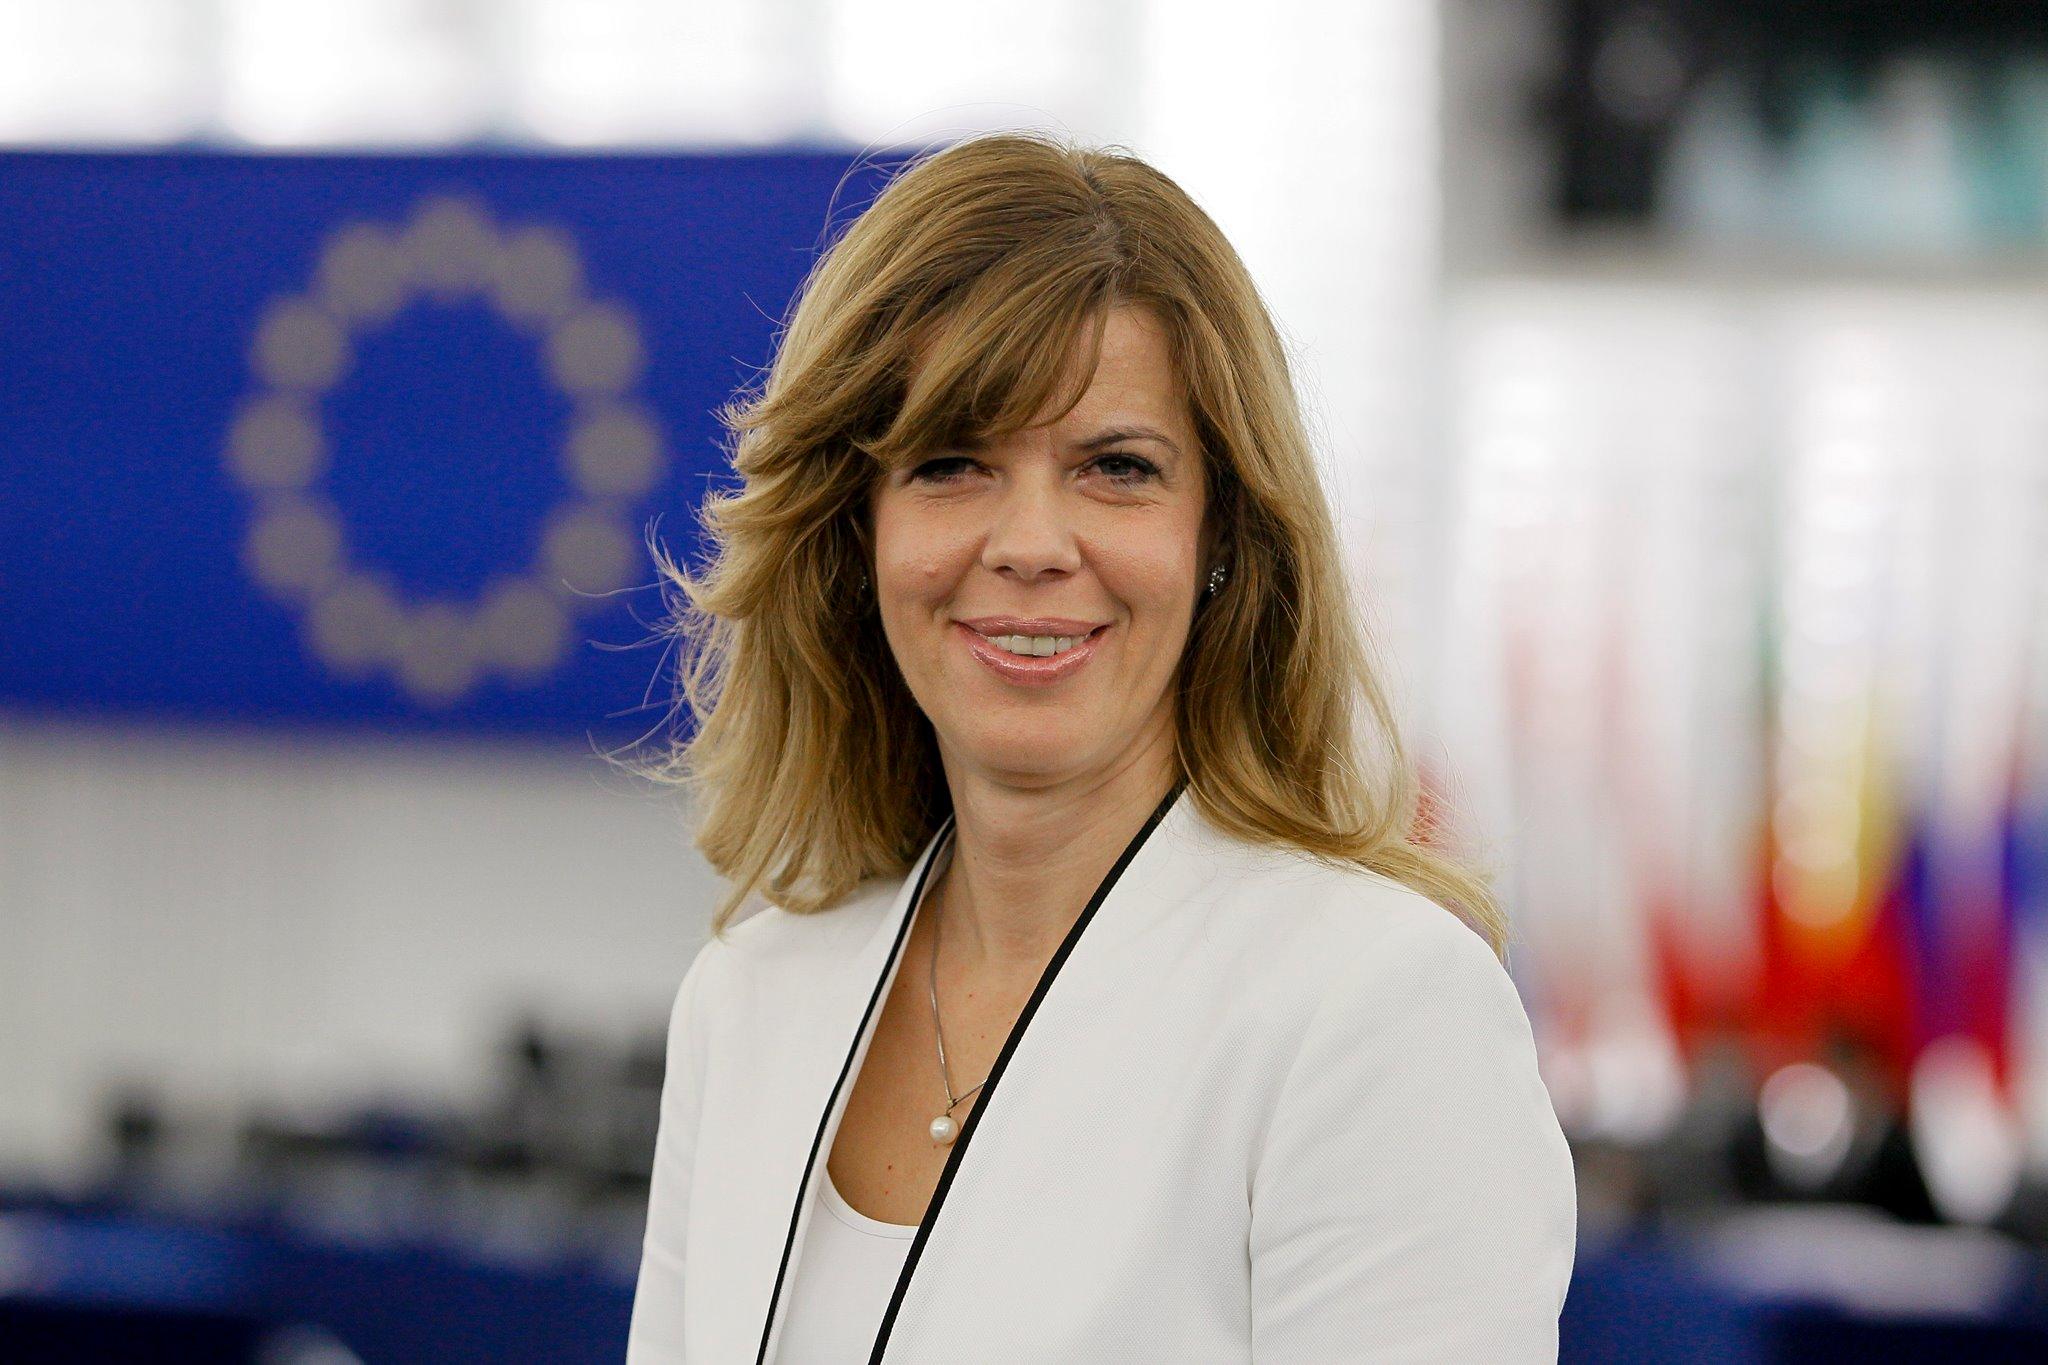 Zastupnica u Europskom parlamentu Biljana Borzan